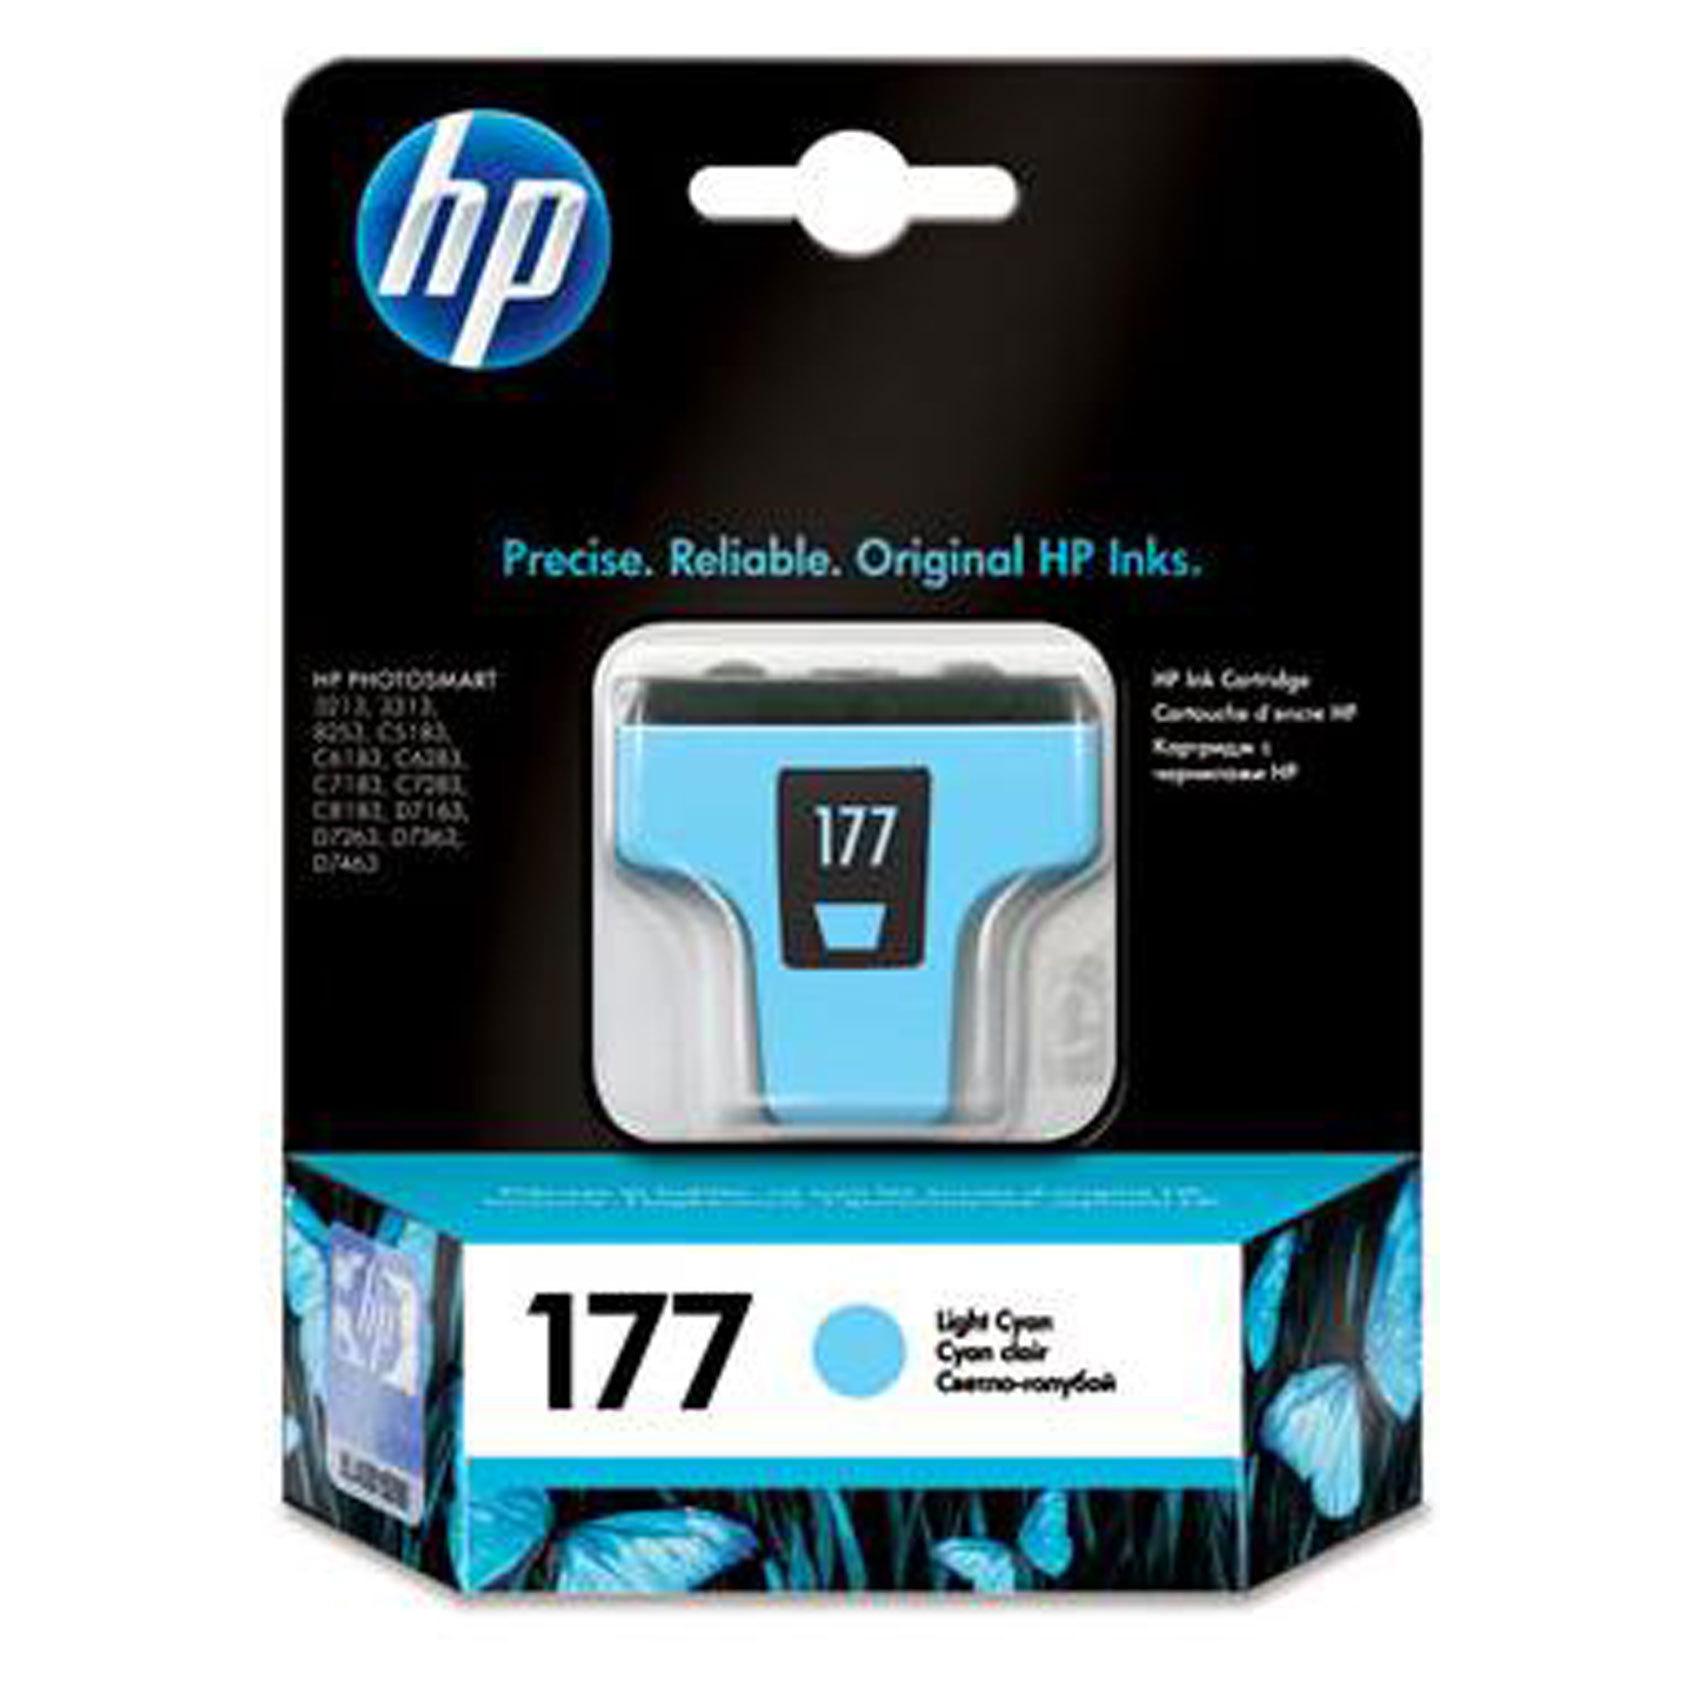 HP CART 177 LIGHT CYAN